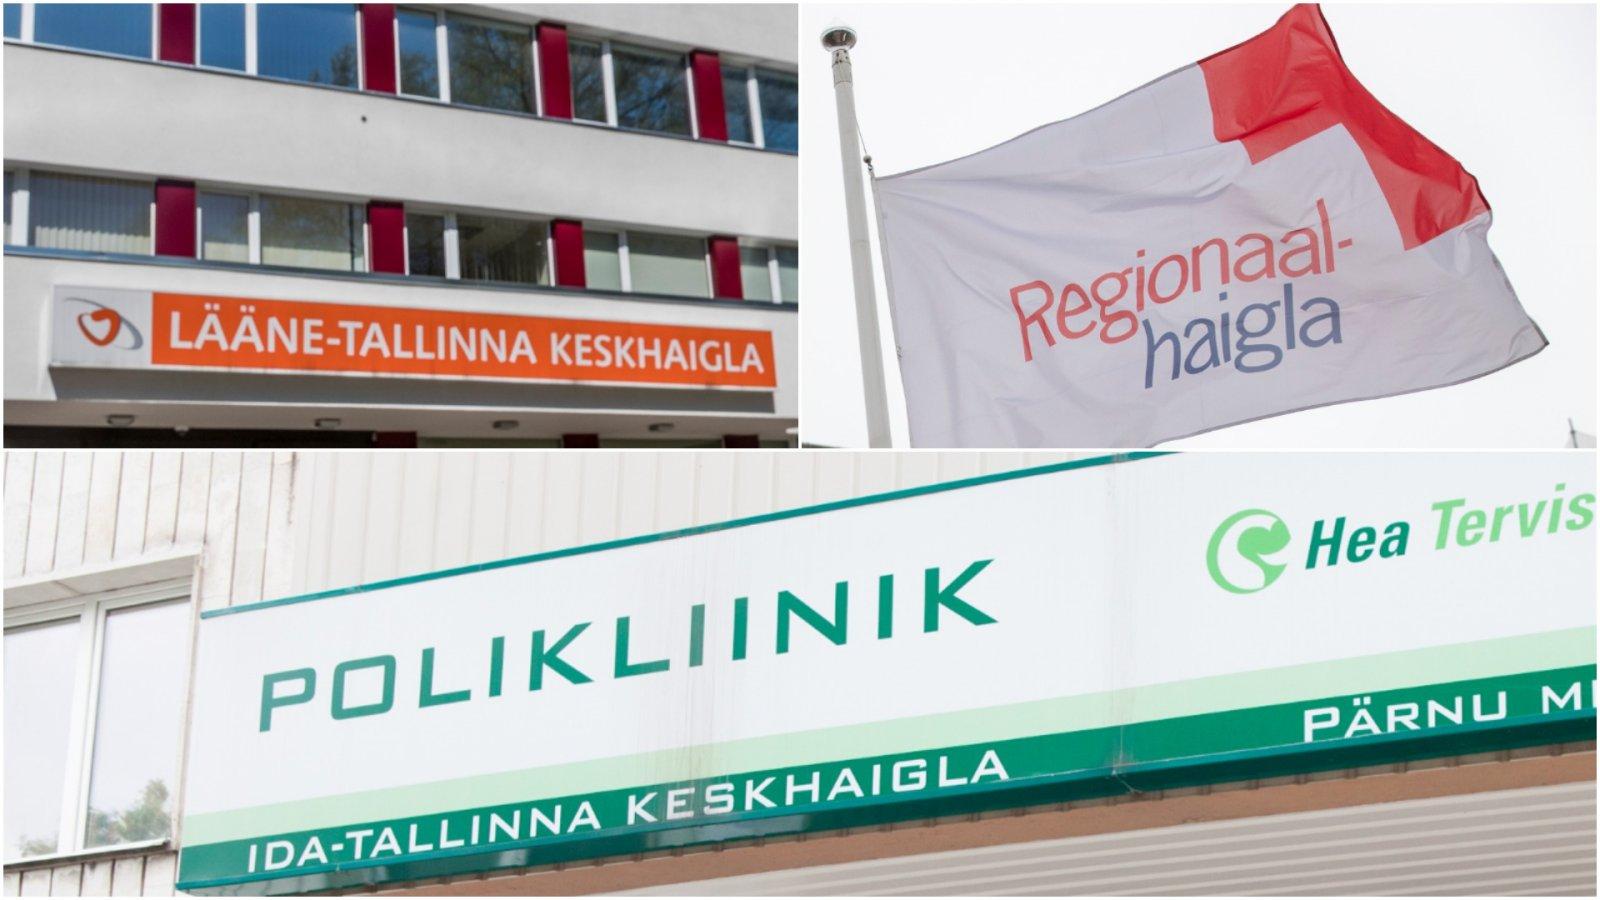 Karantiinis ja isolatsioonis:  Põhja-Eesti regionaalhaigla töötajatepuudus on juba kriitiline